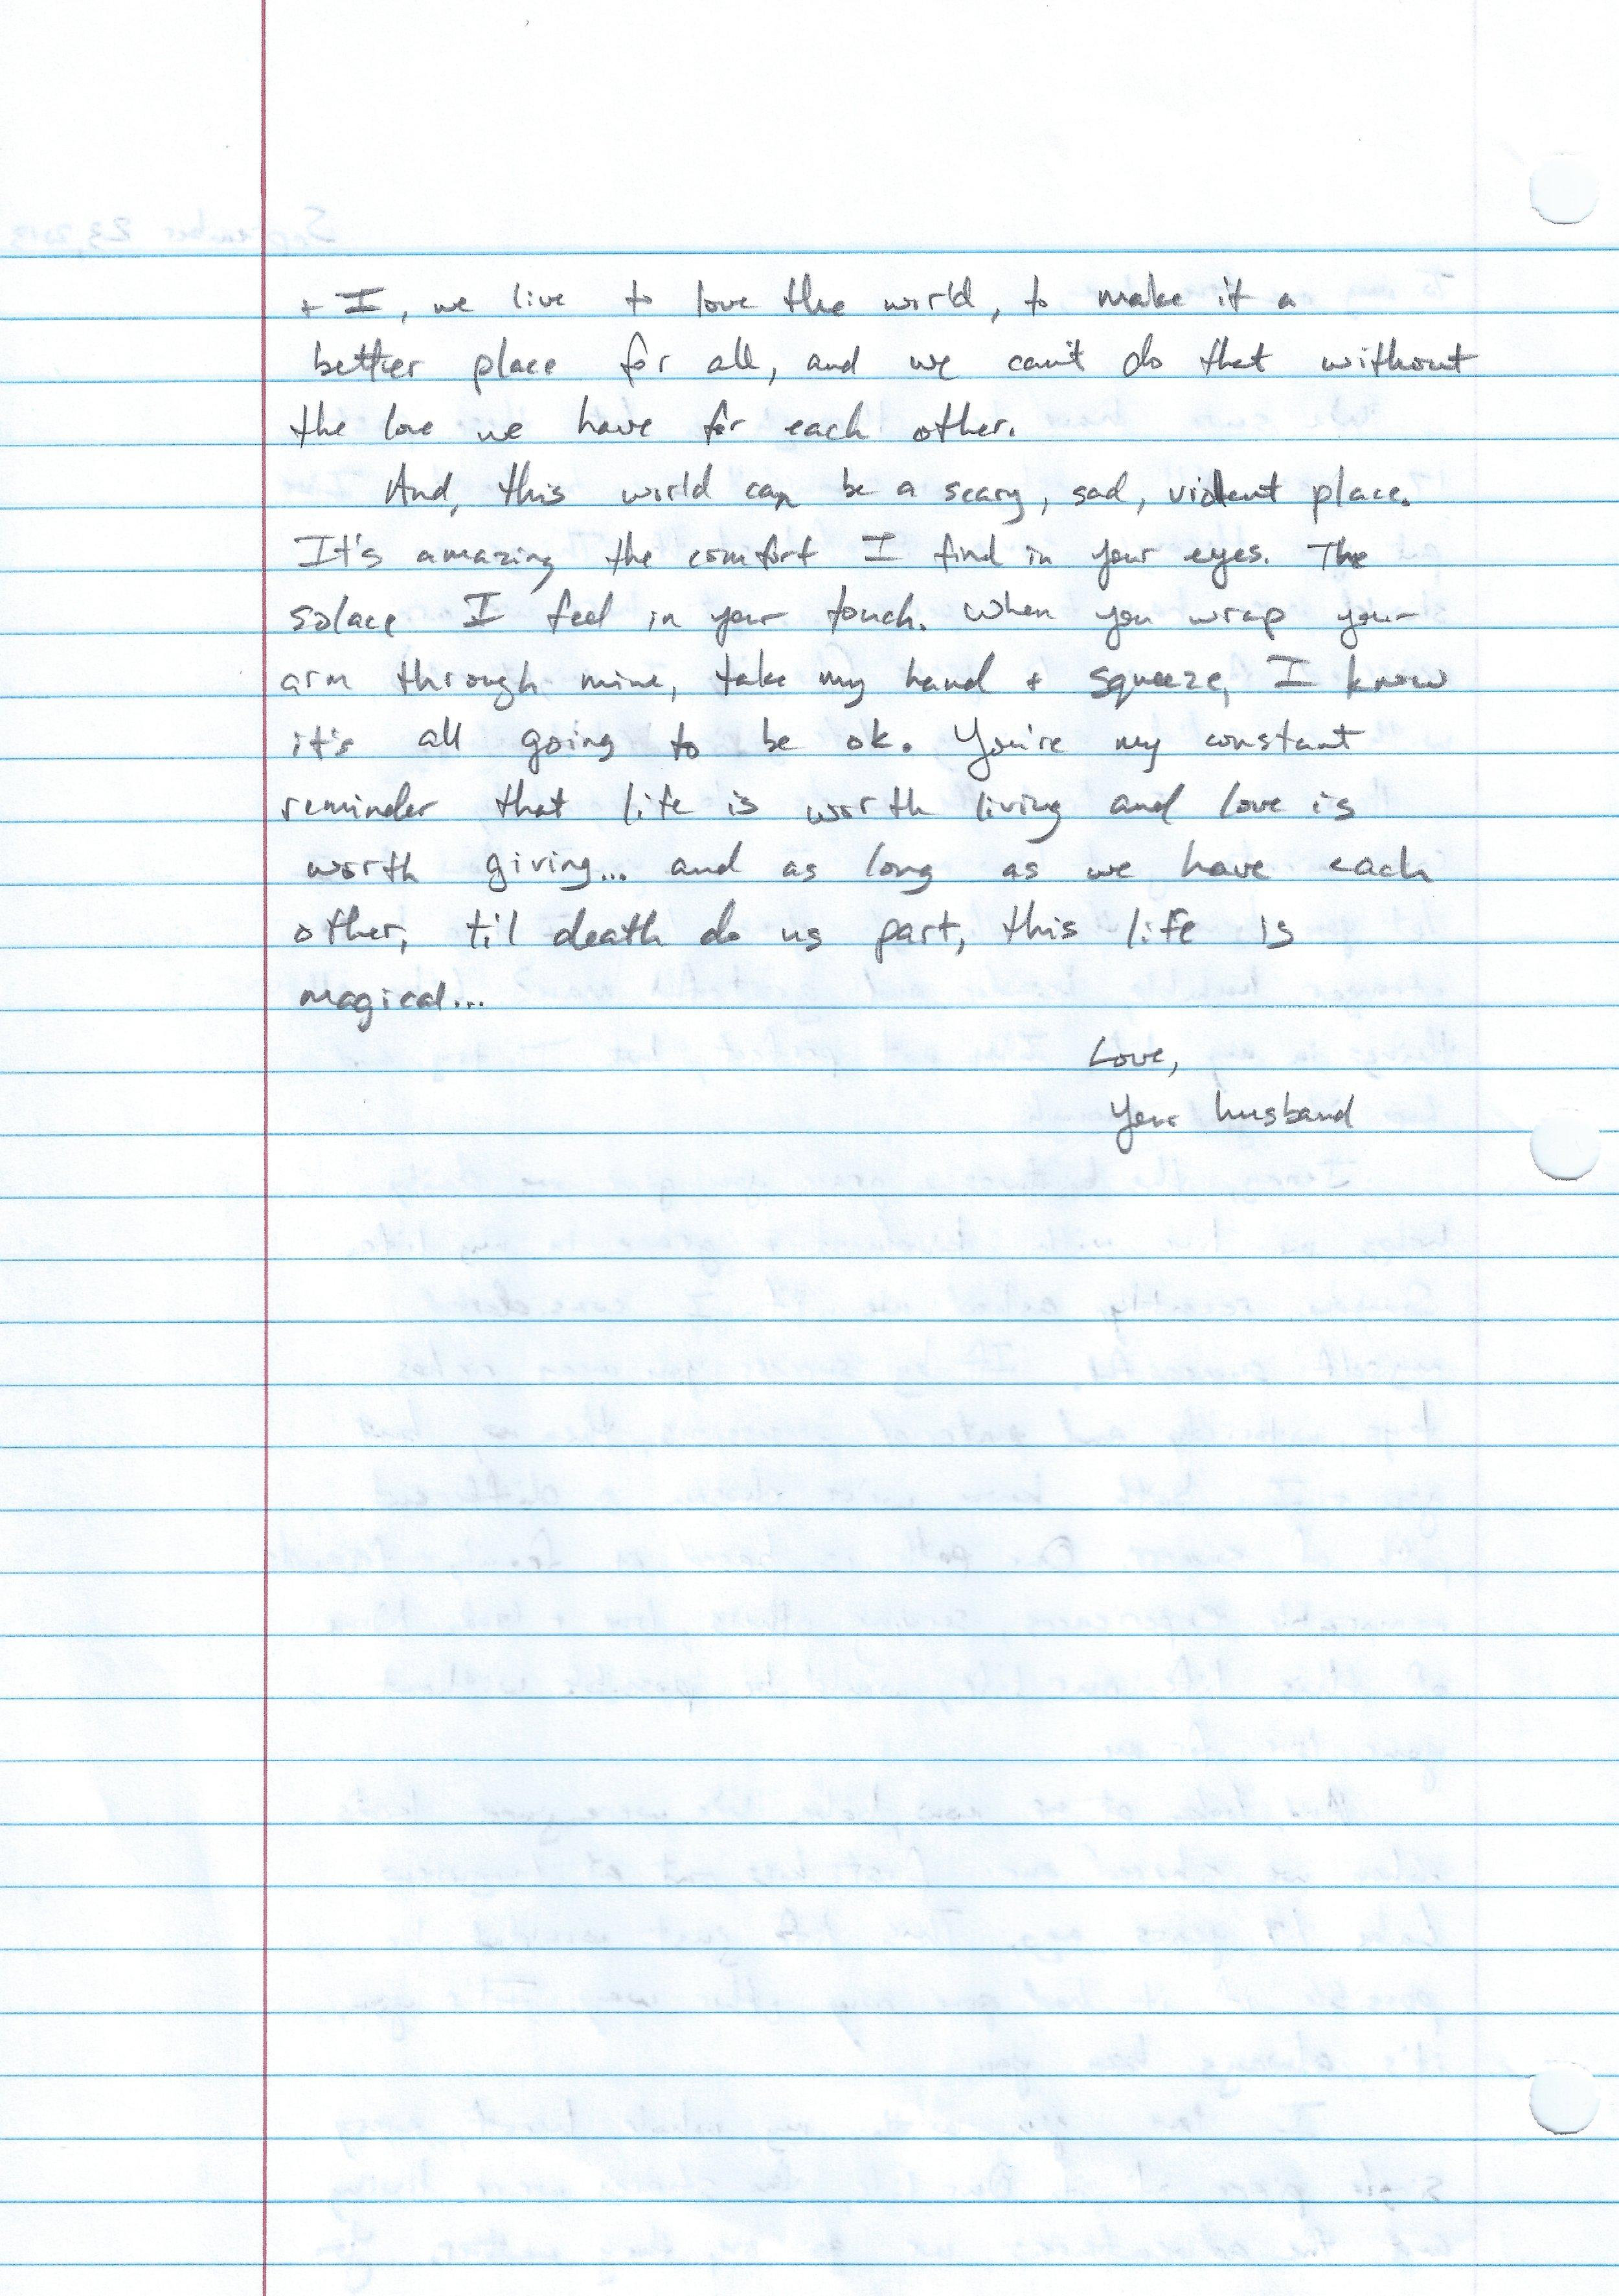 Love Letter #1 pt 2 | The Loveumentary